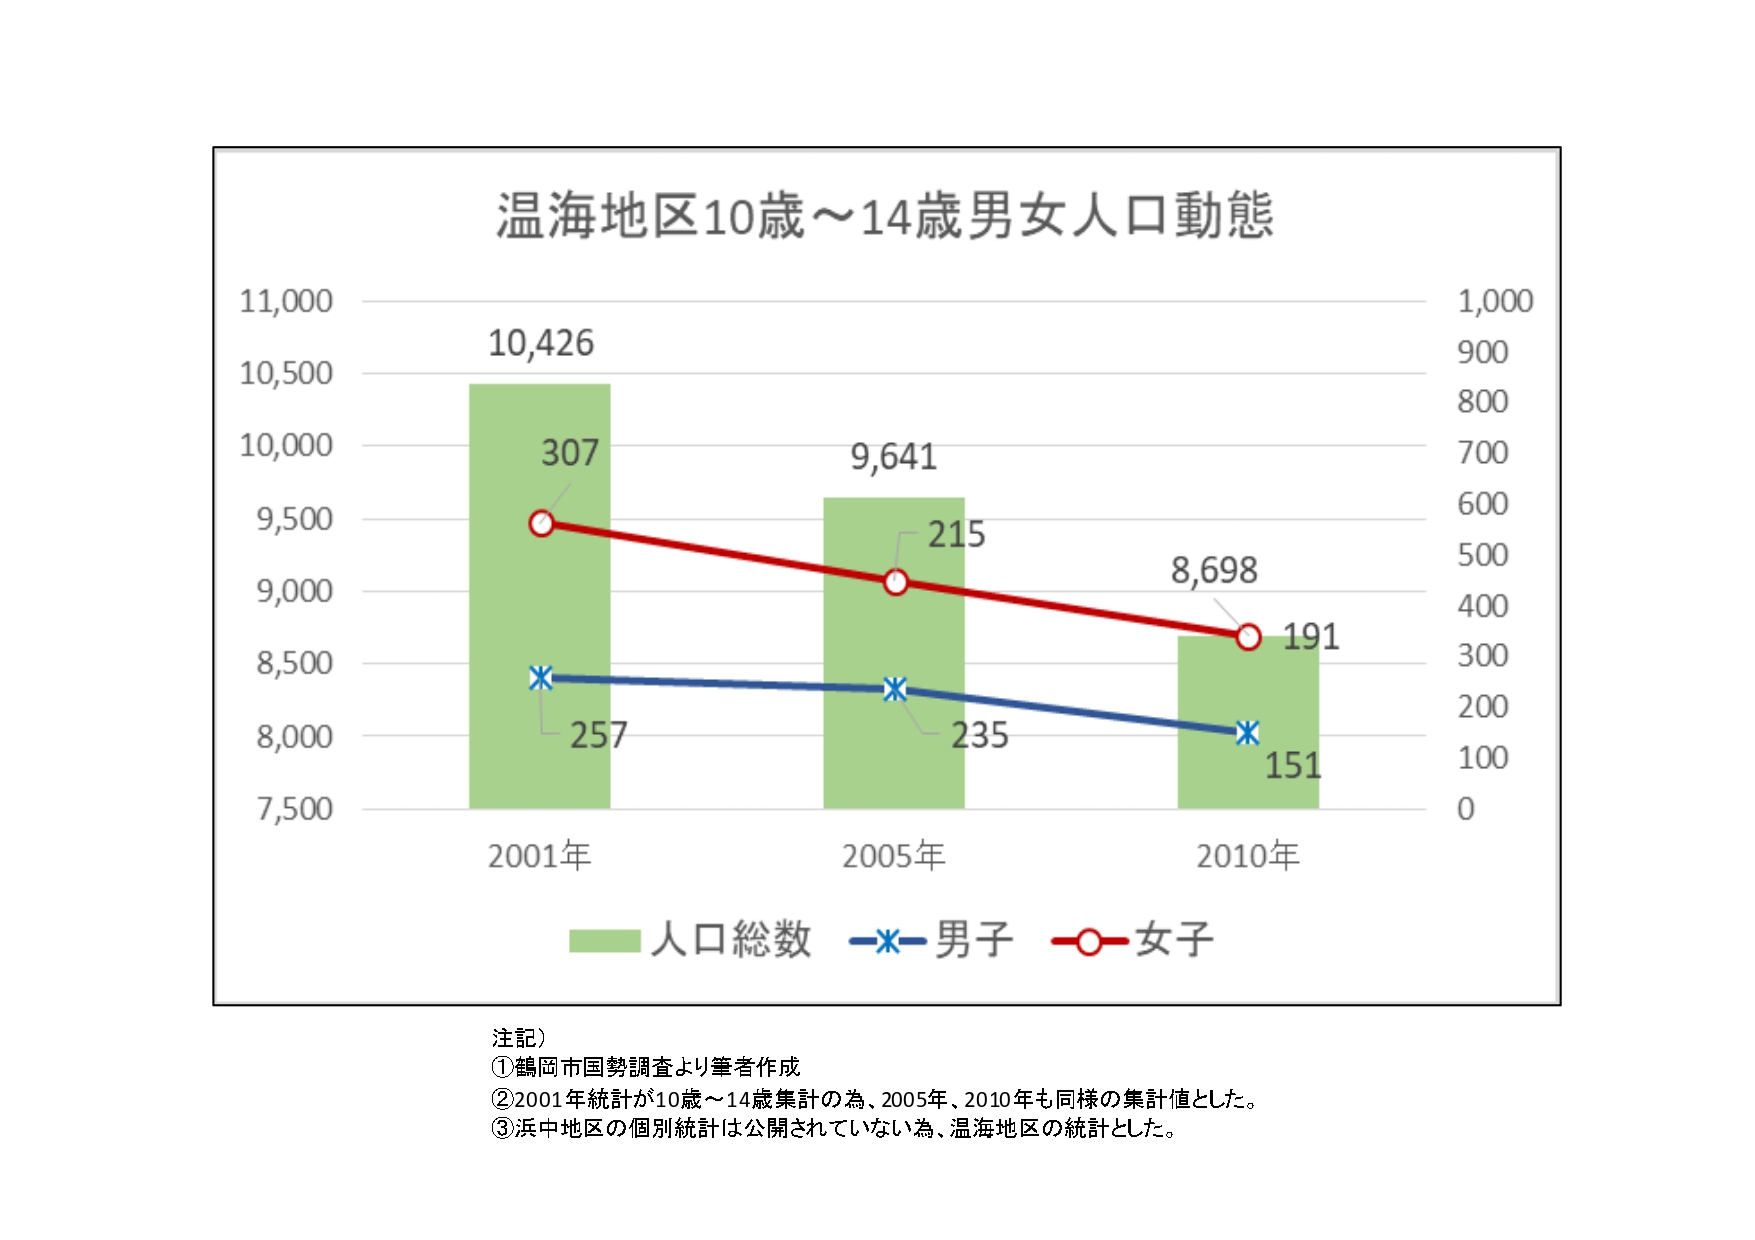 %ef%bc%bb%e8%b3%87%e6%96%99%ef%bc%93%ef%bc%bd